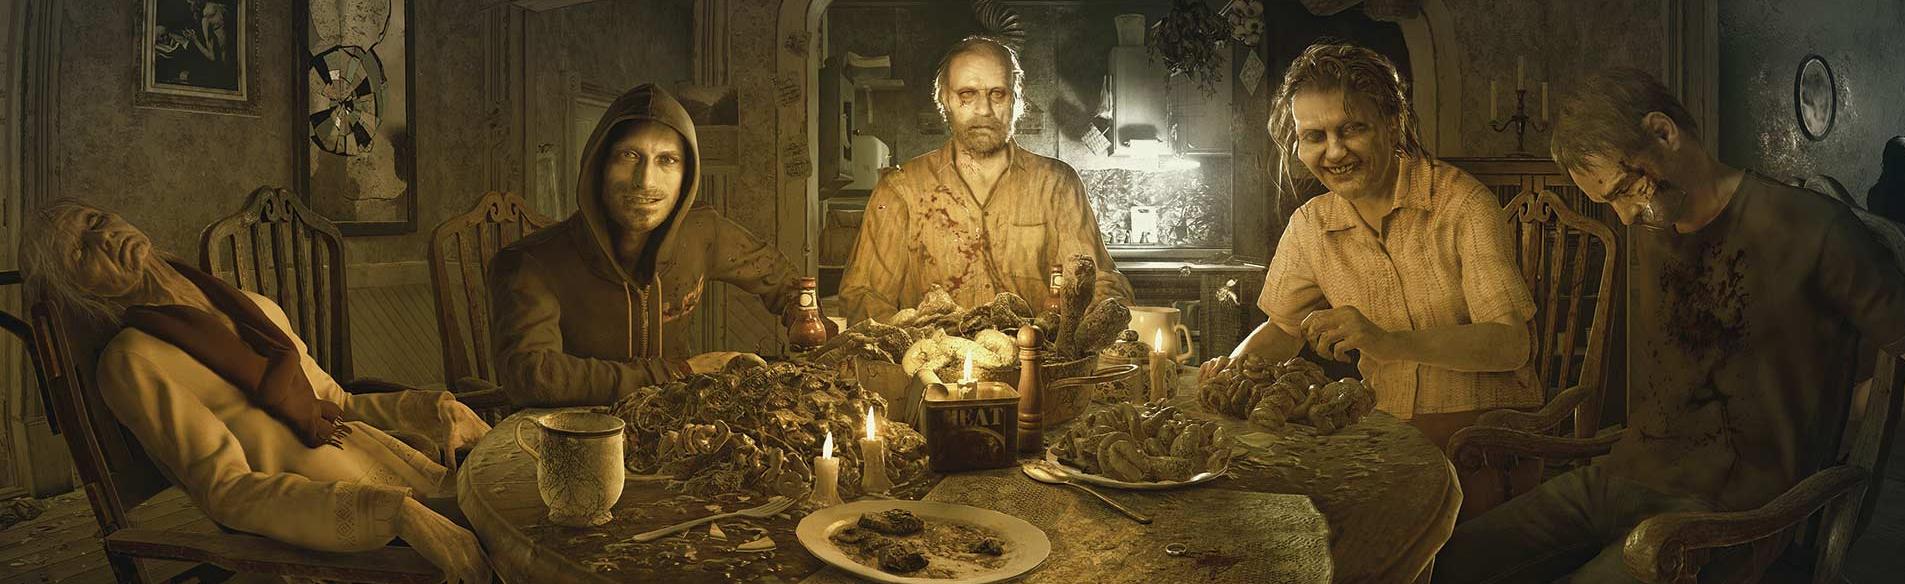 Resident Evil 7: Nuevo trailer y actualización para la demo